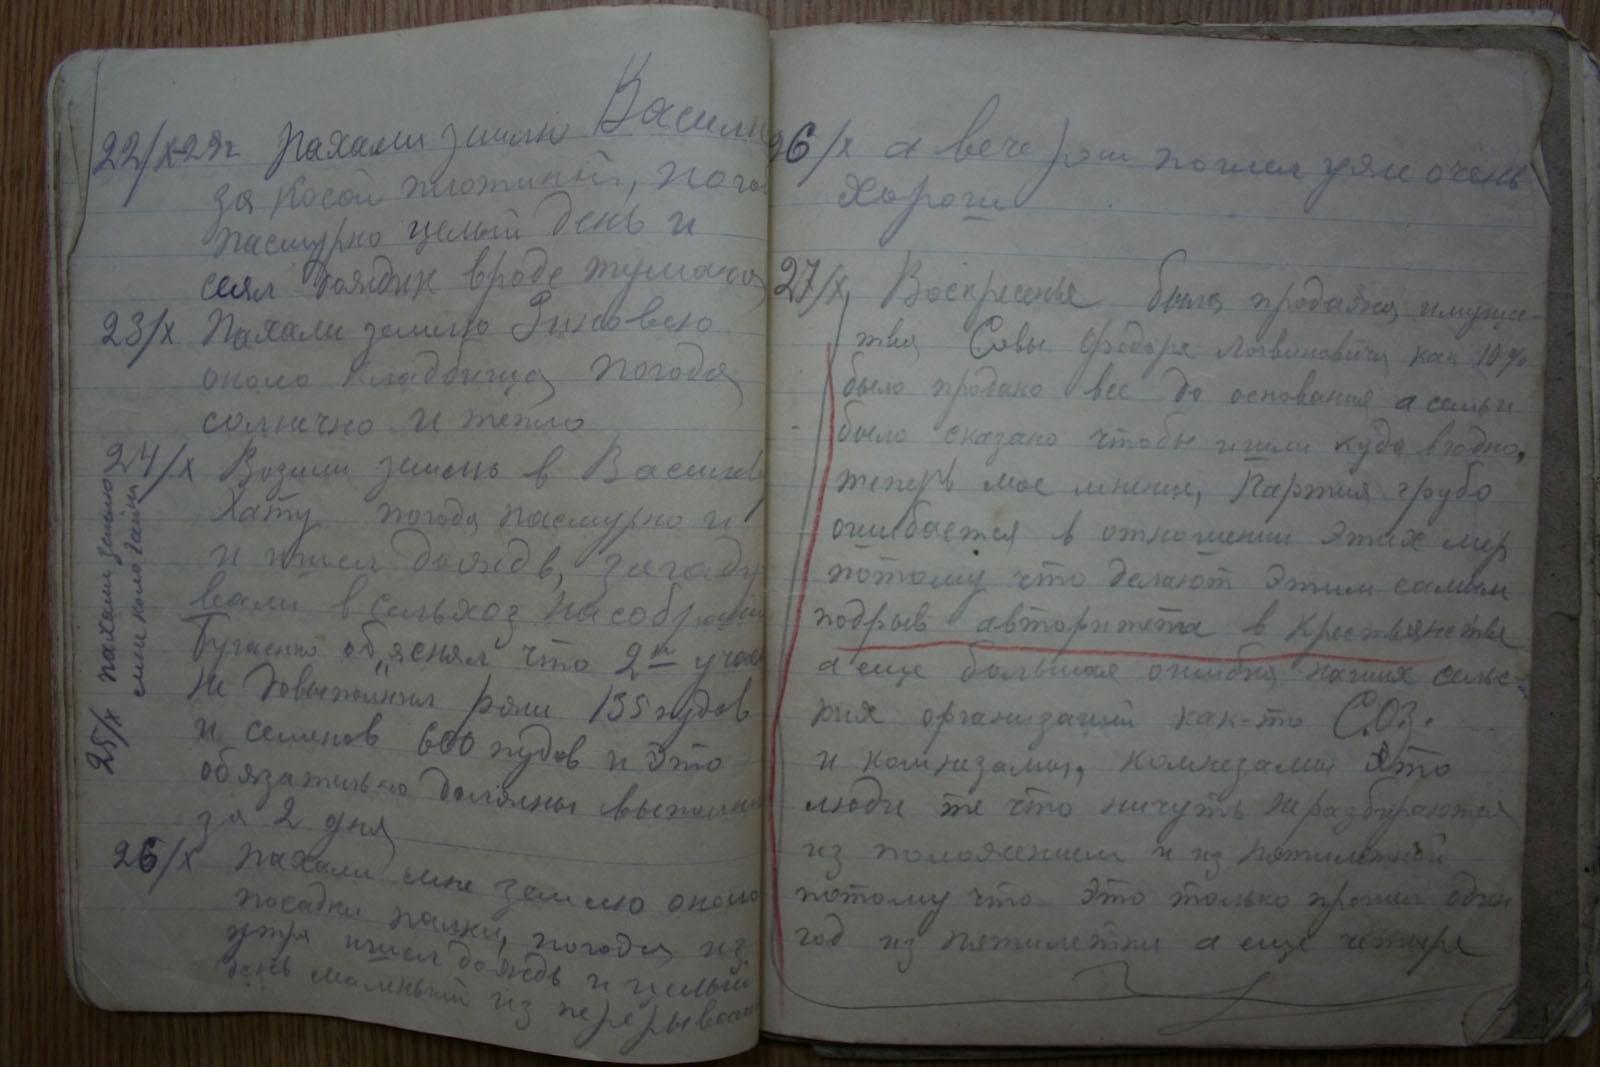 """Красным карандашом следователь подчеркнул особо """"опасные"""" места - как правило, оценочные суждения автора"""